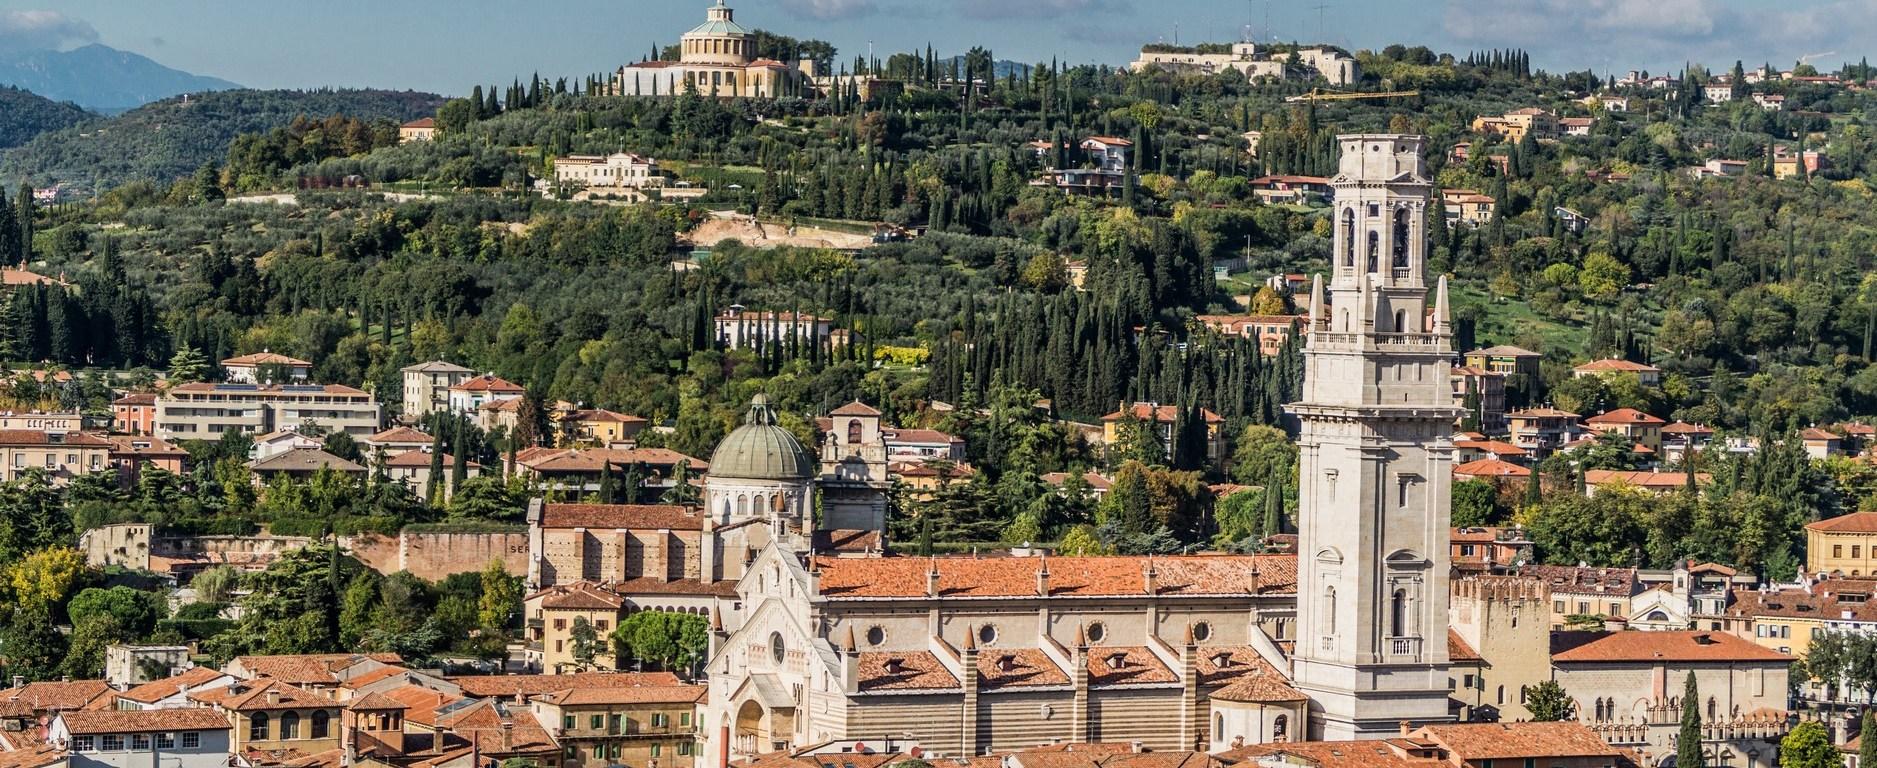 Dzień w Weronie - panorama